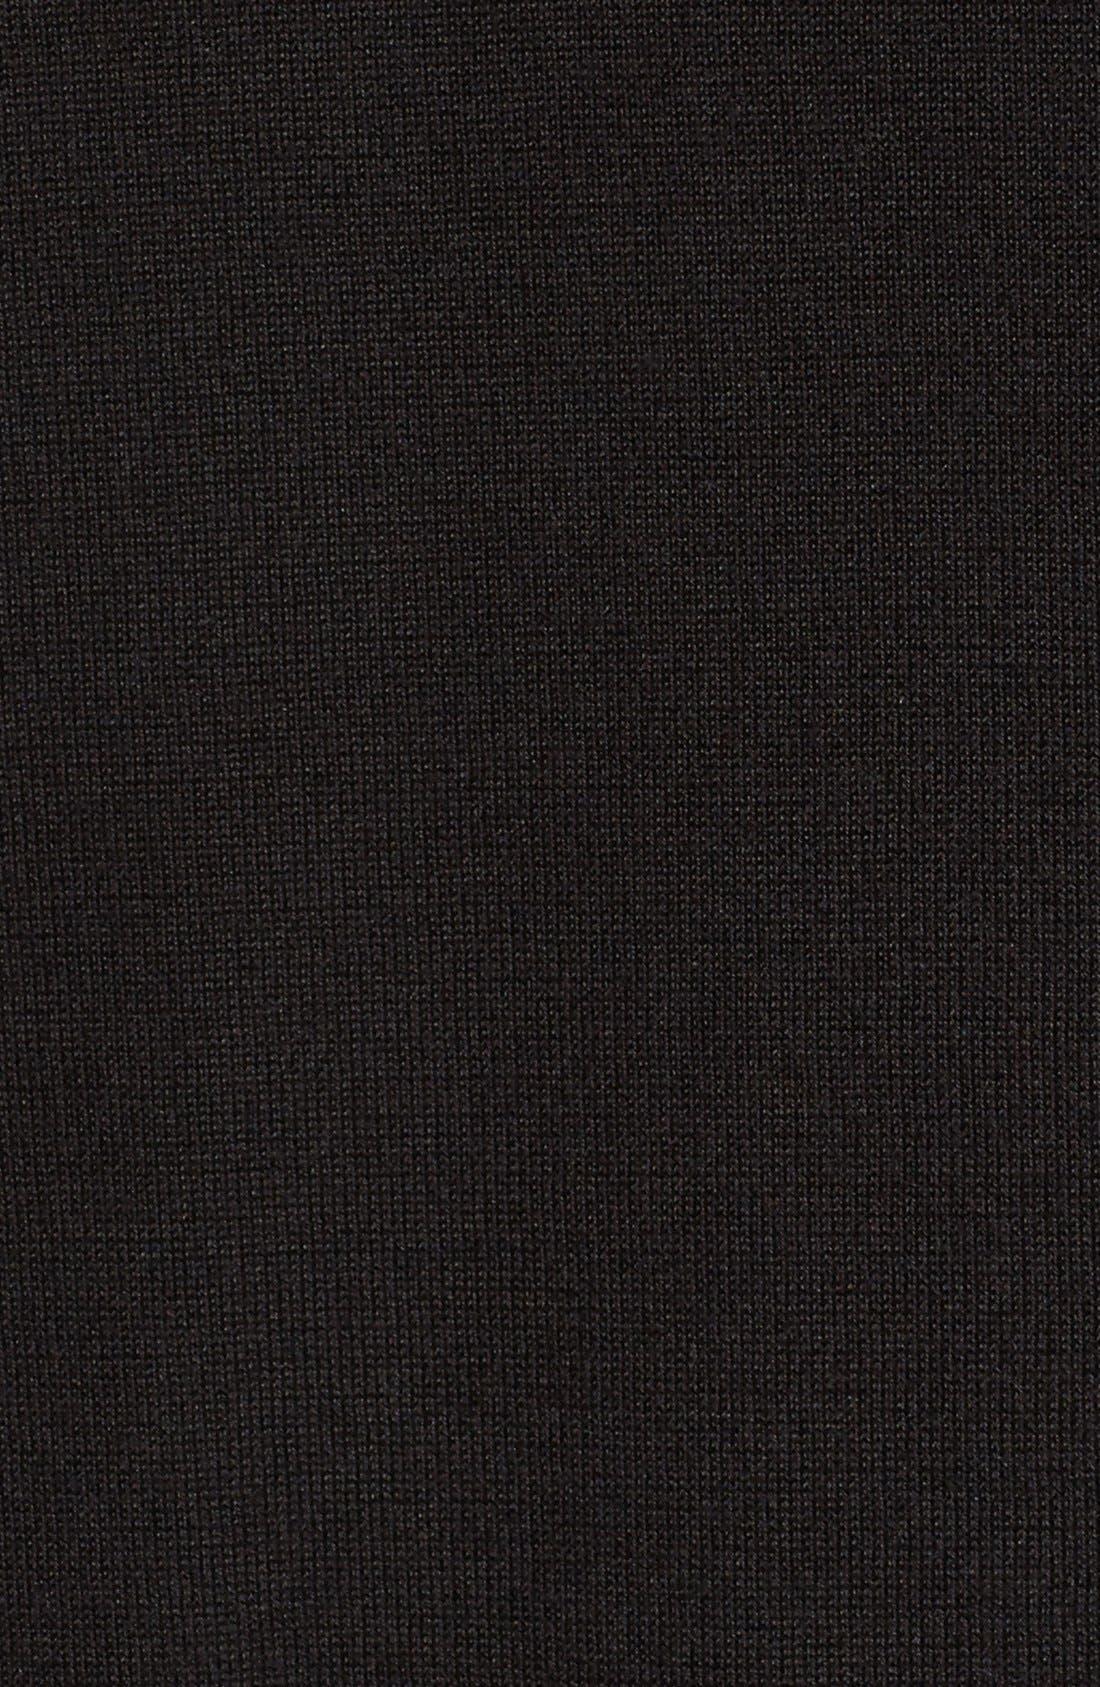 Lace Inset Cashmere Blend Cardigan,                             Alternate thumbnail 4, color,                             001